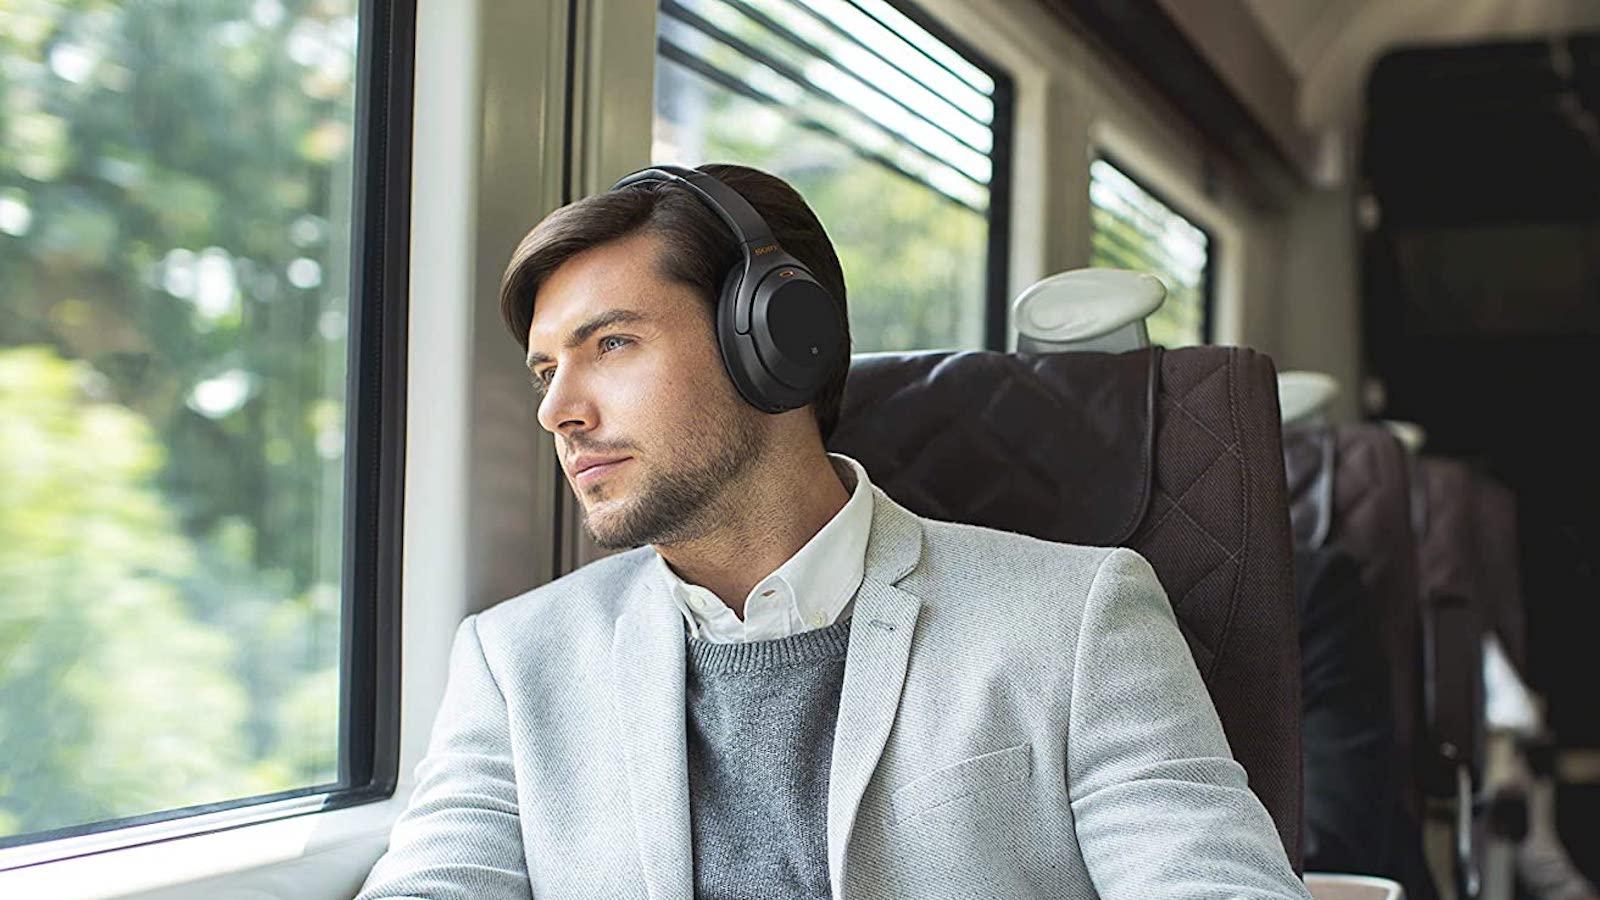 Sony WH-1000XM3 Smart Wireless Headphones